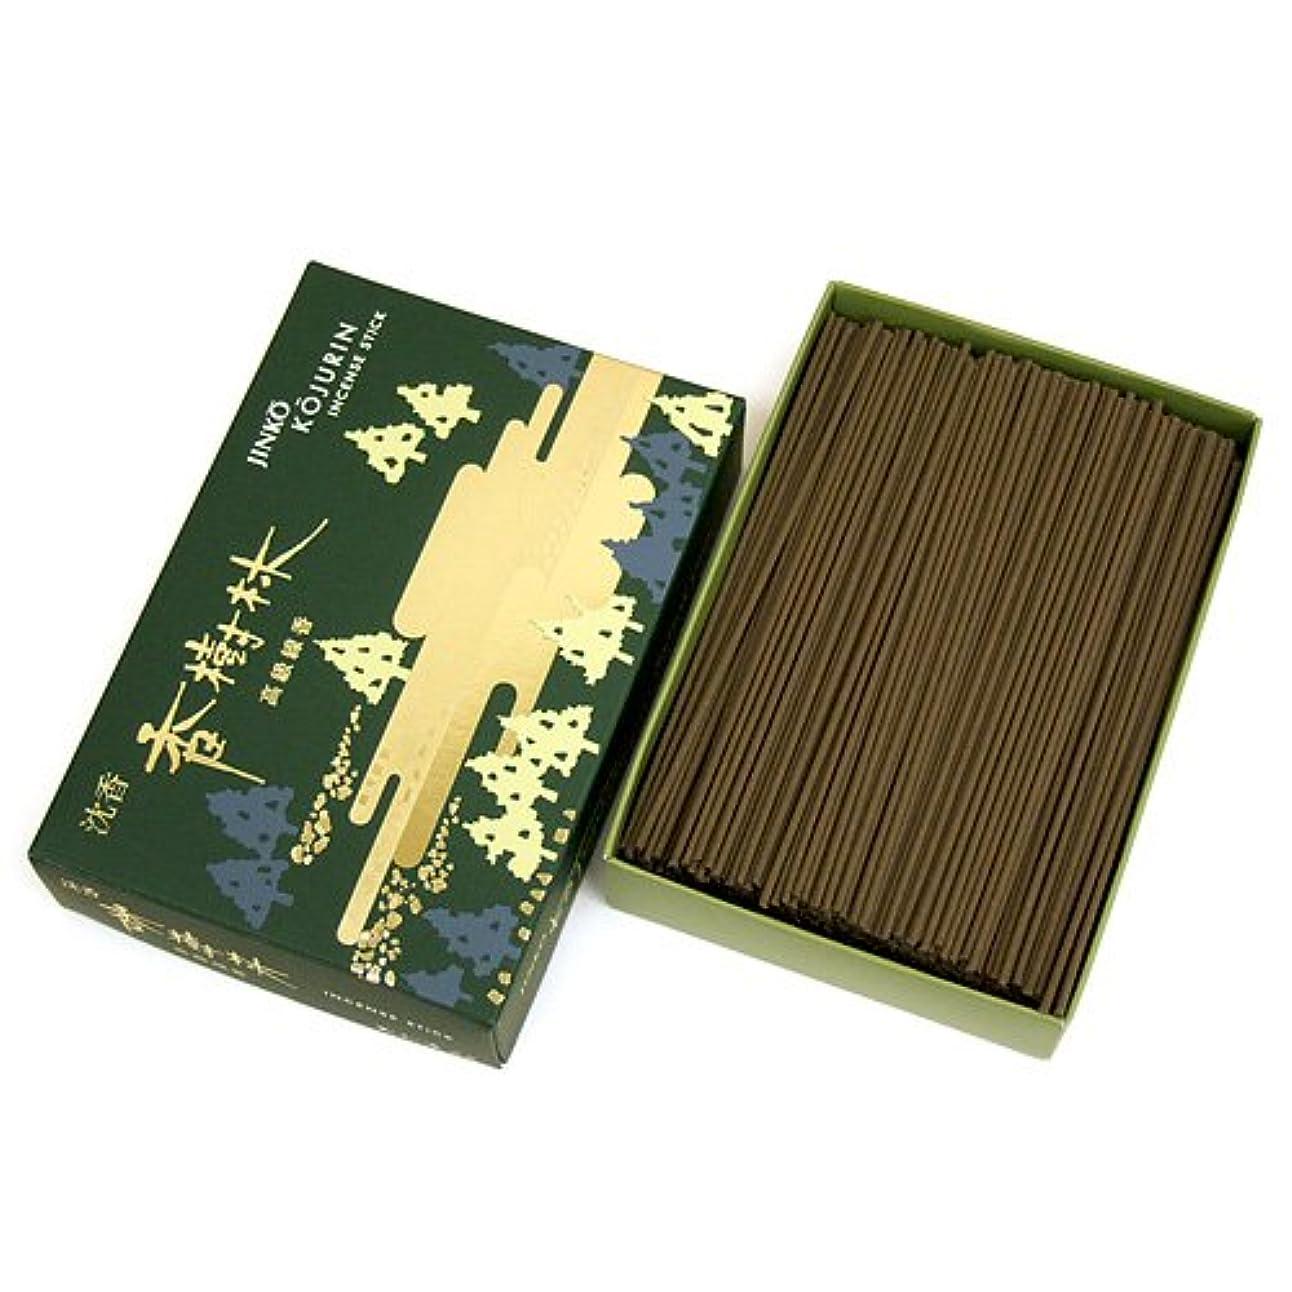 パケット自分奇妙な家庭用線香 沈香 香樹林 短寸 徳用大型箱(箱寸法15×10.5×3.5cm)◆爽やかな沈香の香りのお線香(玉初堂)